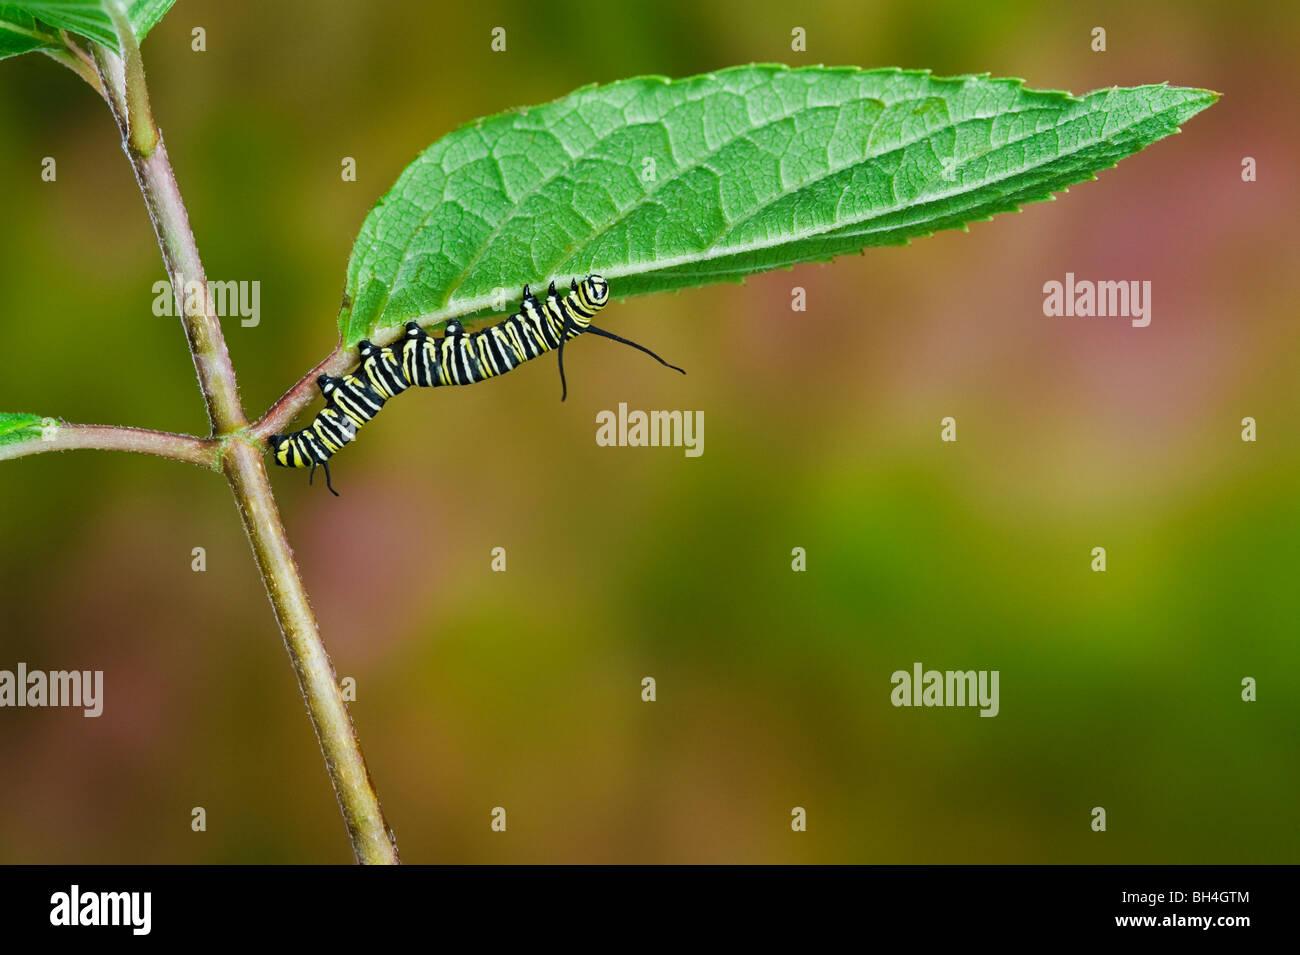 Farfalla monarca bruco su foglia, la preparazione per la trasformazione da larva a pupa, Nova Scotia. Serie di 4 Immagini Stock